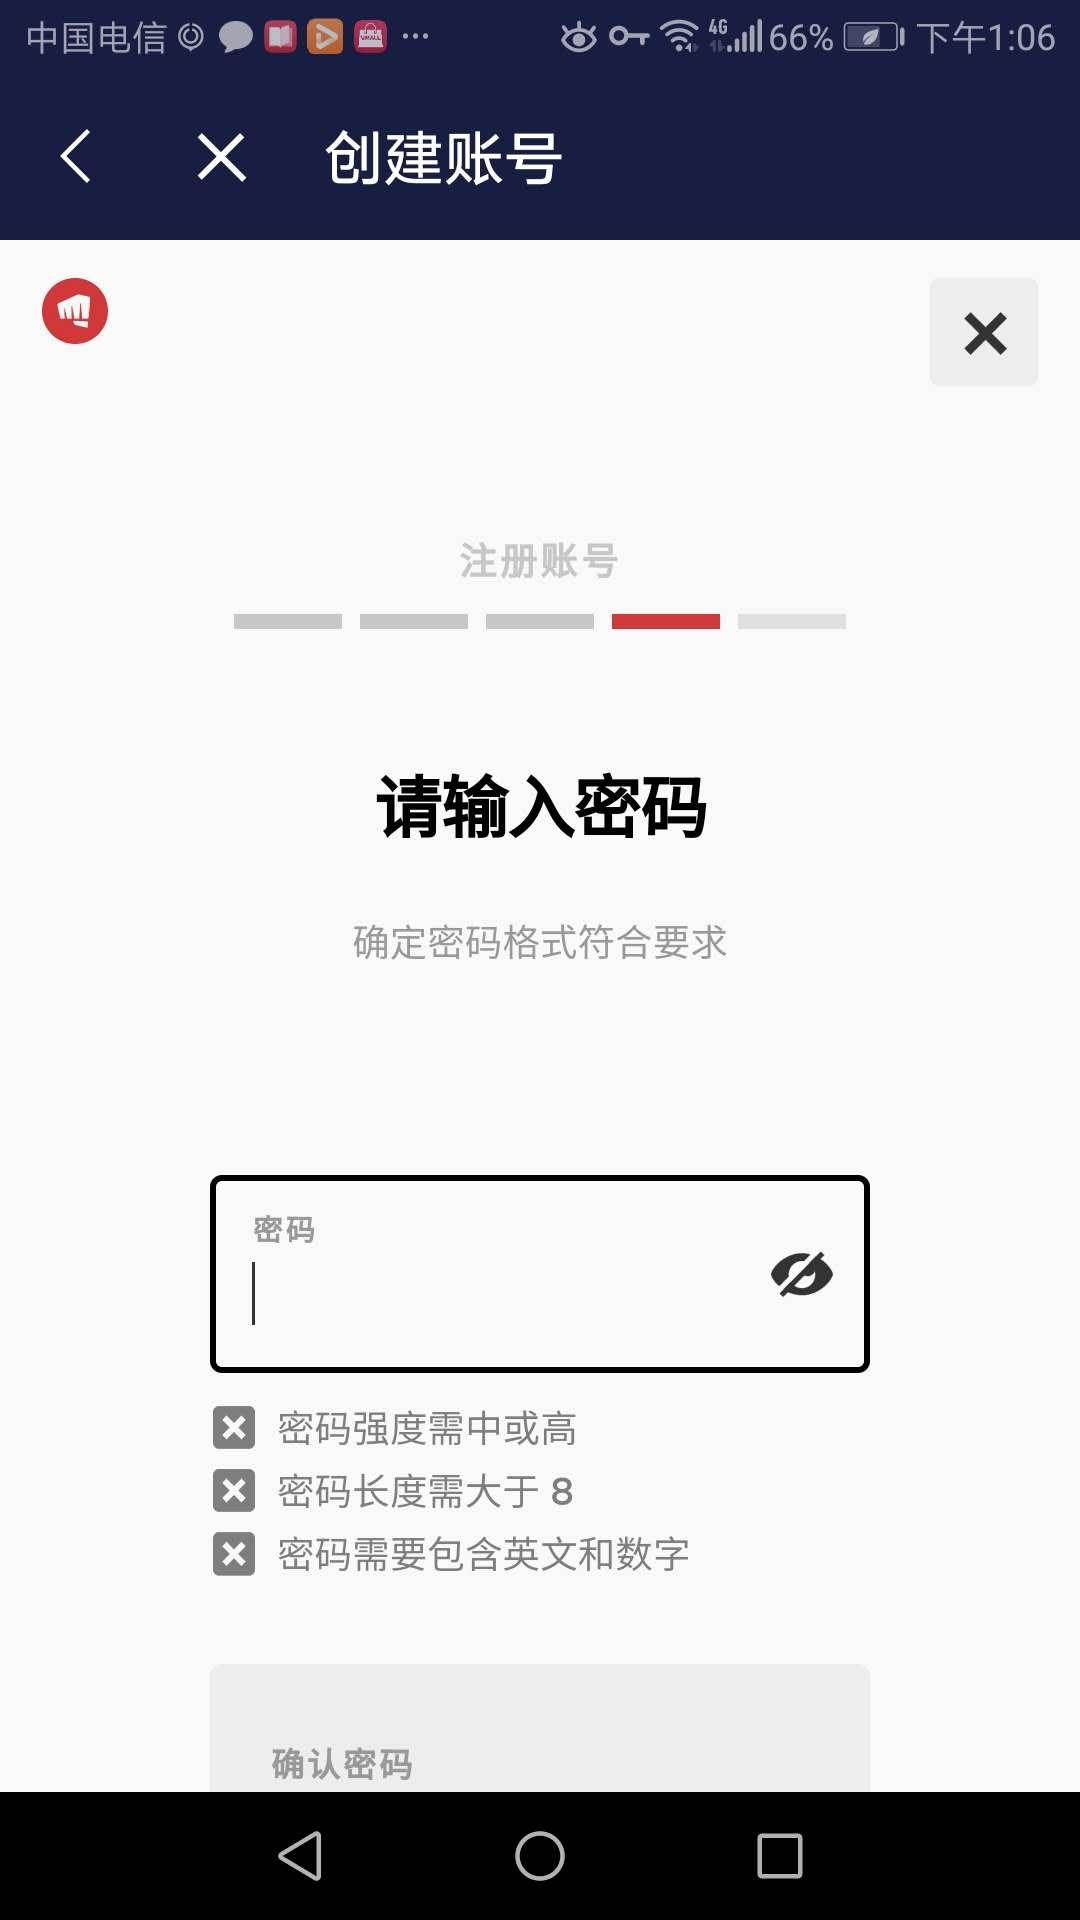 英雄联盟LOLV1.0 LOL手游账号注册